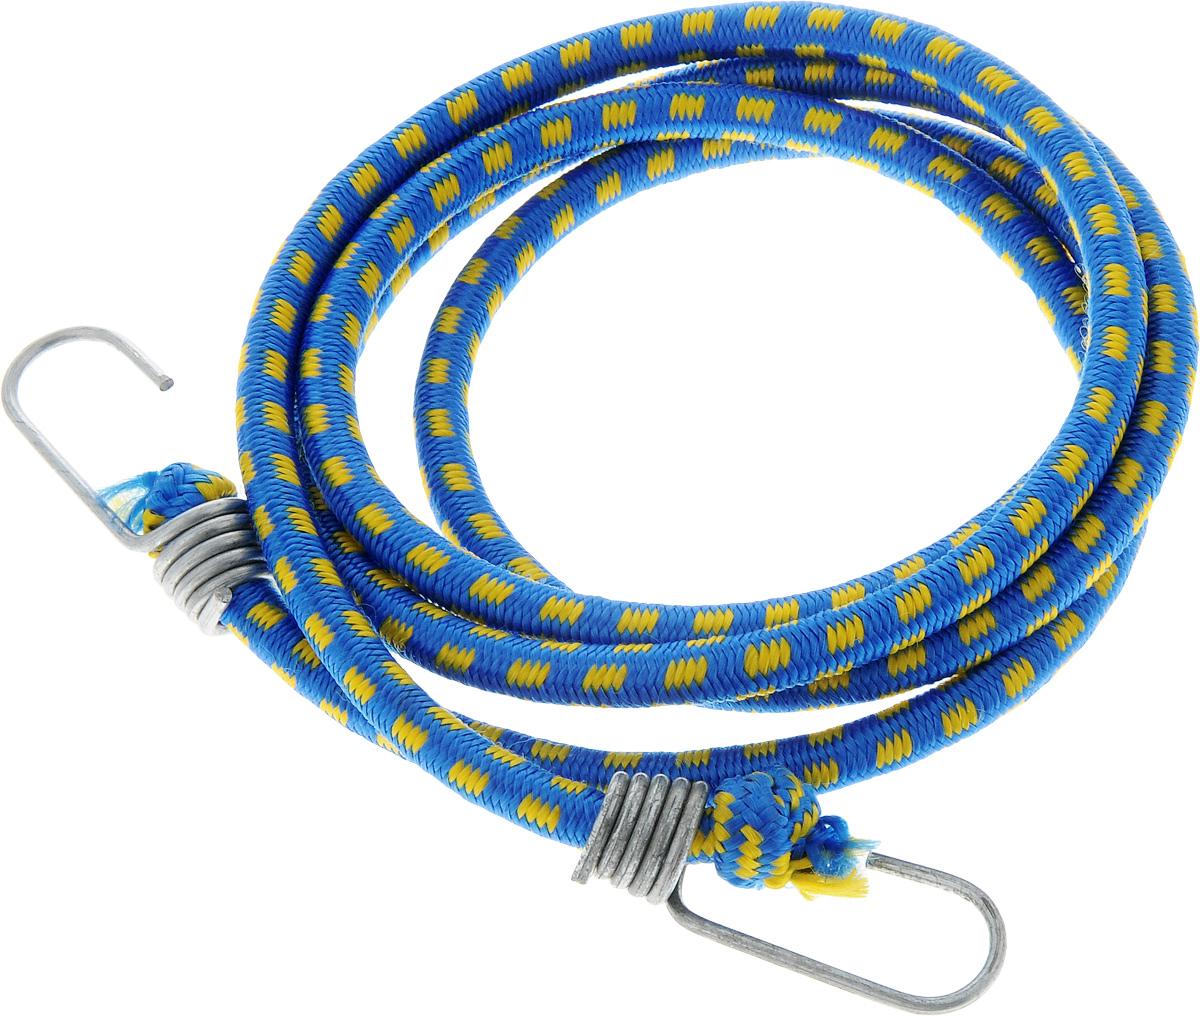 Резинка багажная МастерПроф, с крючками, цвет: синий, желтый, 1 х 190 смАС.020027_синий, желтыйБагажная резинка МастерПроф, выполненная из синтетического каучука, оснащена специальными металлическими крюками, которые обеспечивают прочное крепление и не допускают смещения груза во время его перевозки. Изделие применяется для закрепления предметов к багажнику. Такая резинка позволит зафиксировать как небольшой груз, так и довольно габаритный. Температура использования: -15°C до +50°C. Безопасное удлинение: 60%. Толщина резинки: 1 см. Длина резинки: 190 см.